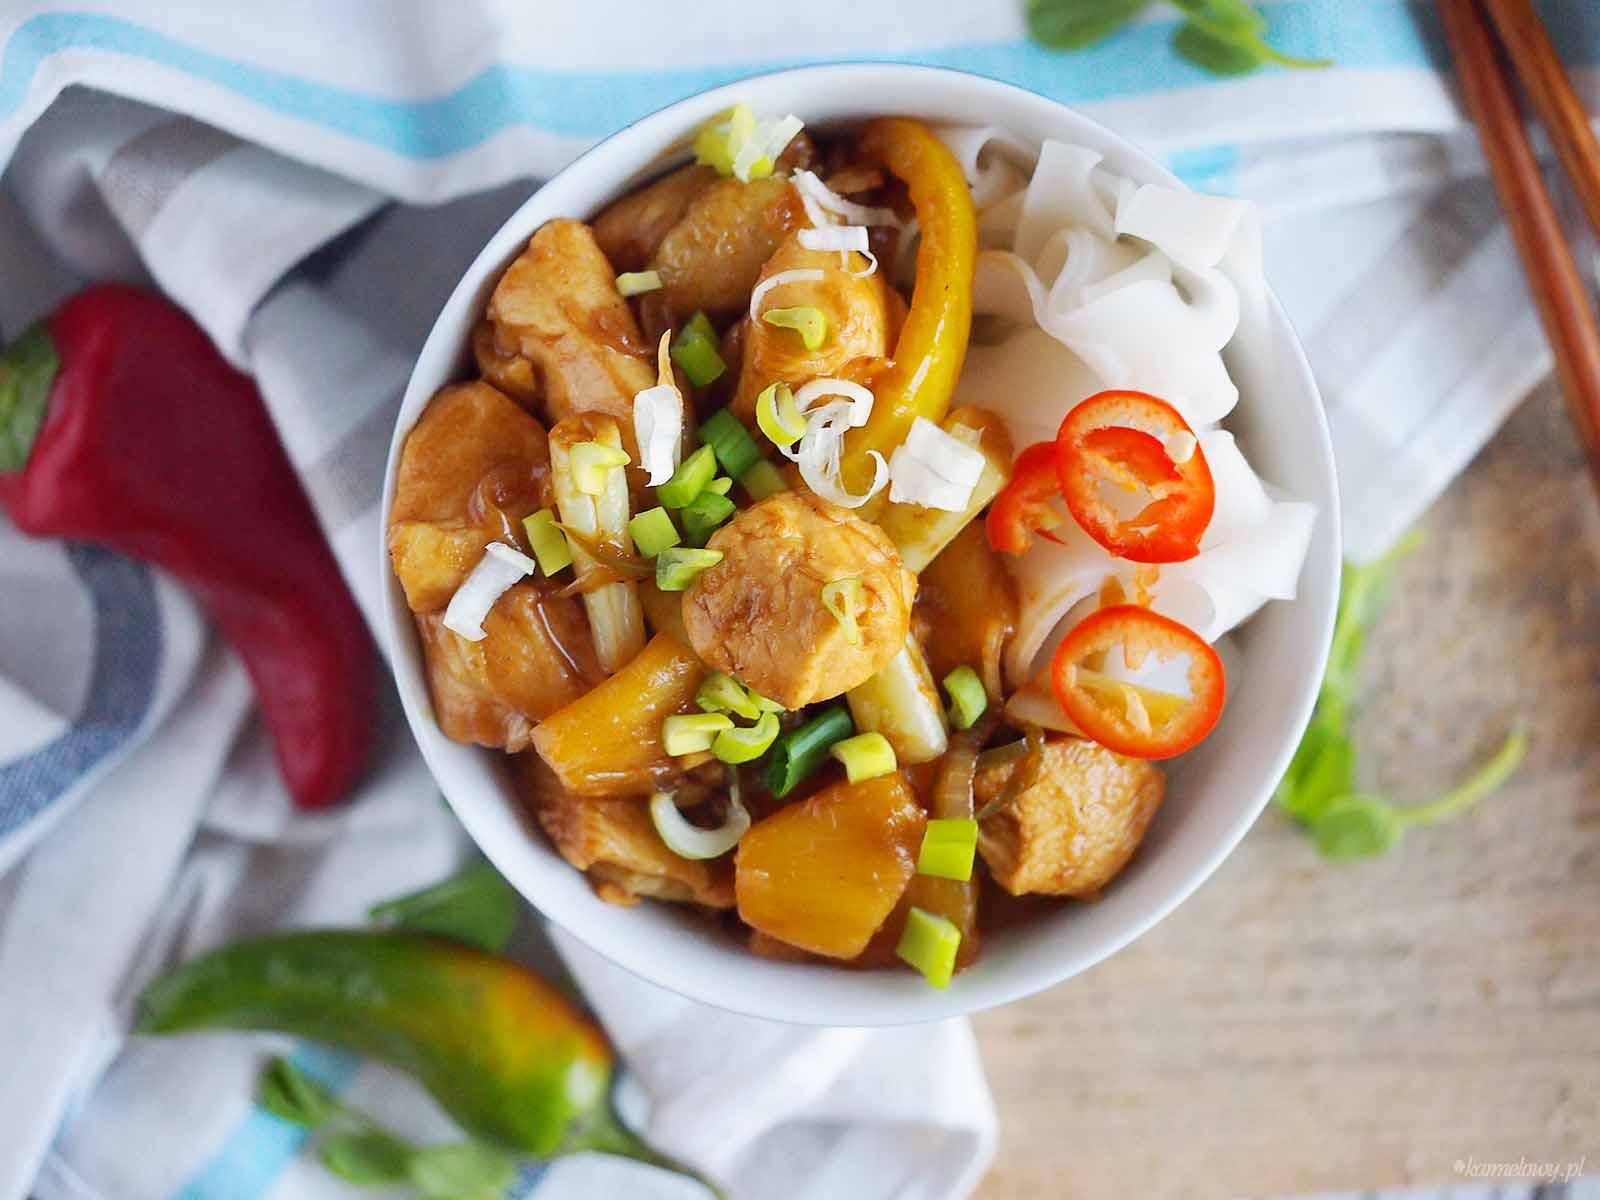 Kurczak-orientalny-smazony-z-ananasem-i-papryka-Stir-fried-chicken-with-pineapple-and-pepper